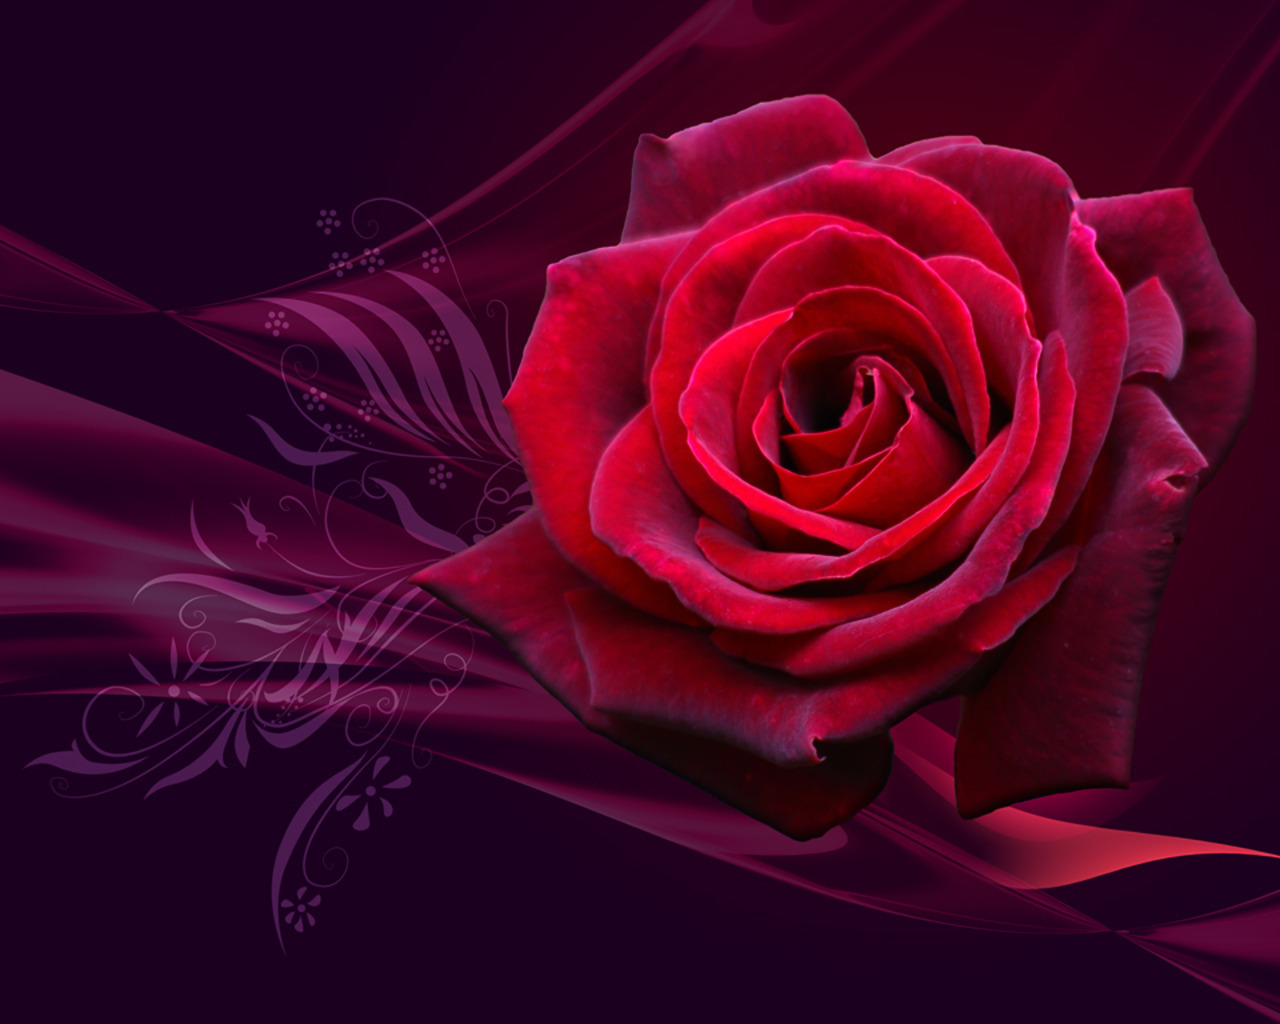 10856 скачать обои Растения, Цветы, Розы - заставки и картинки бесплатно